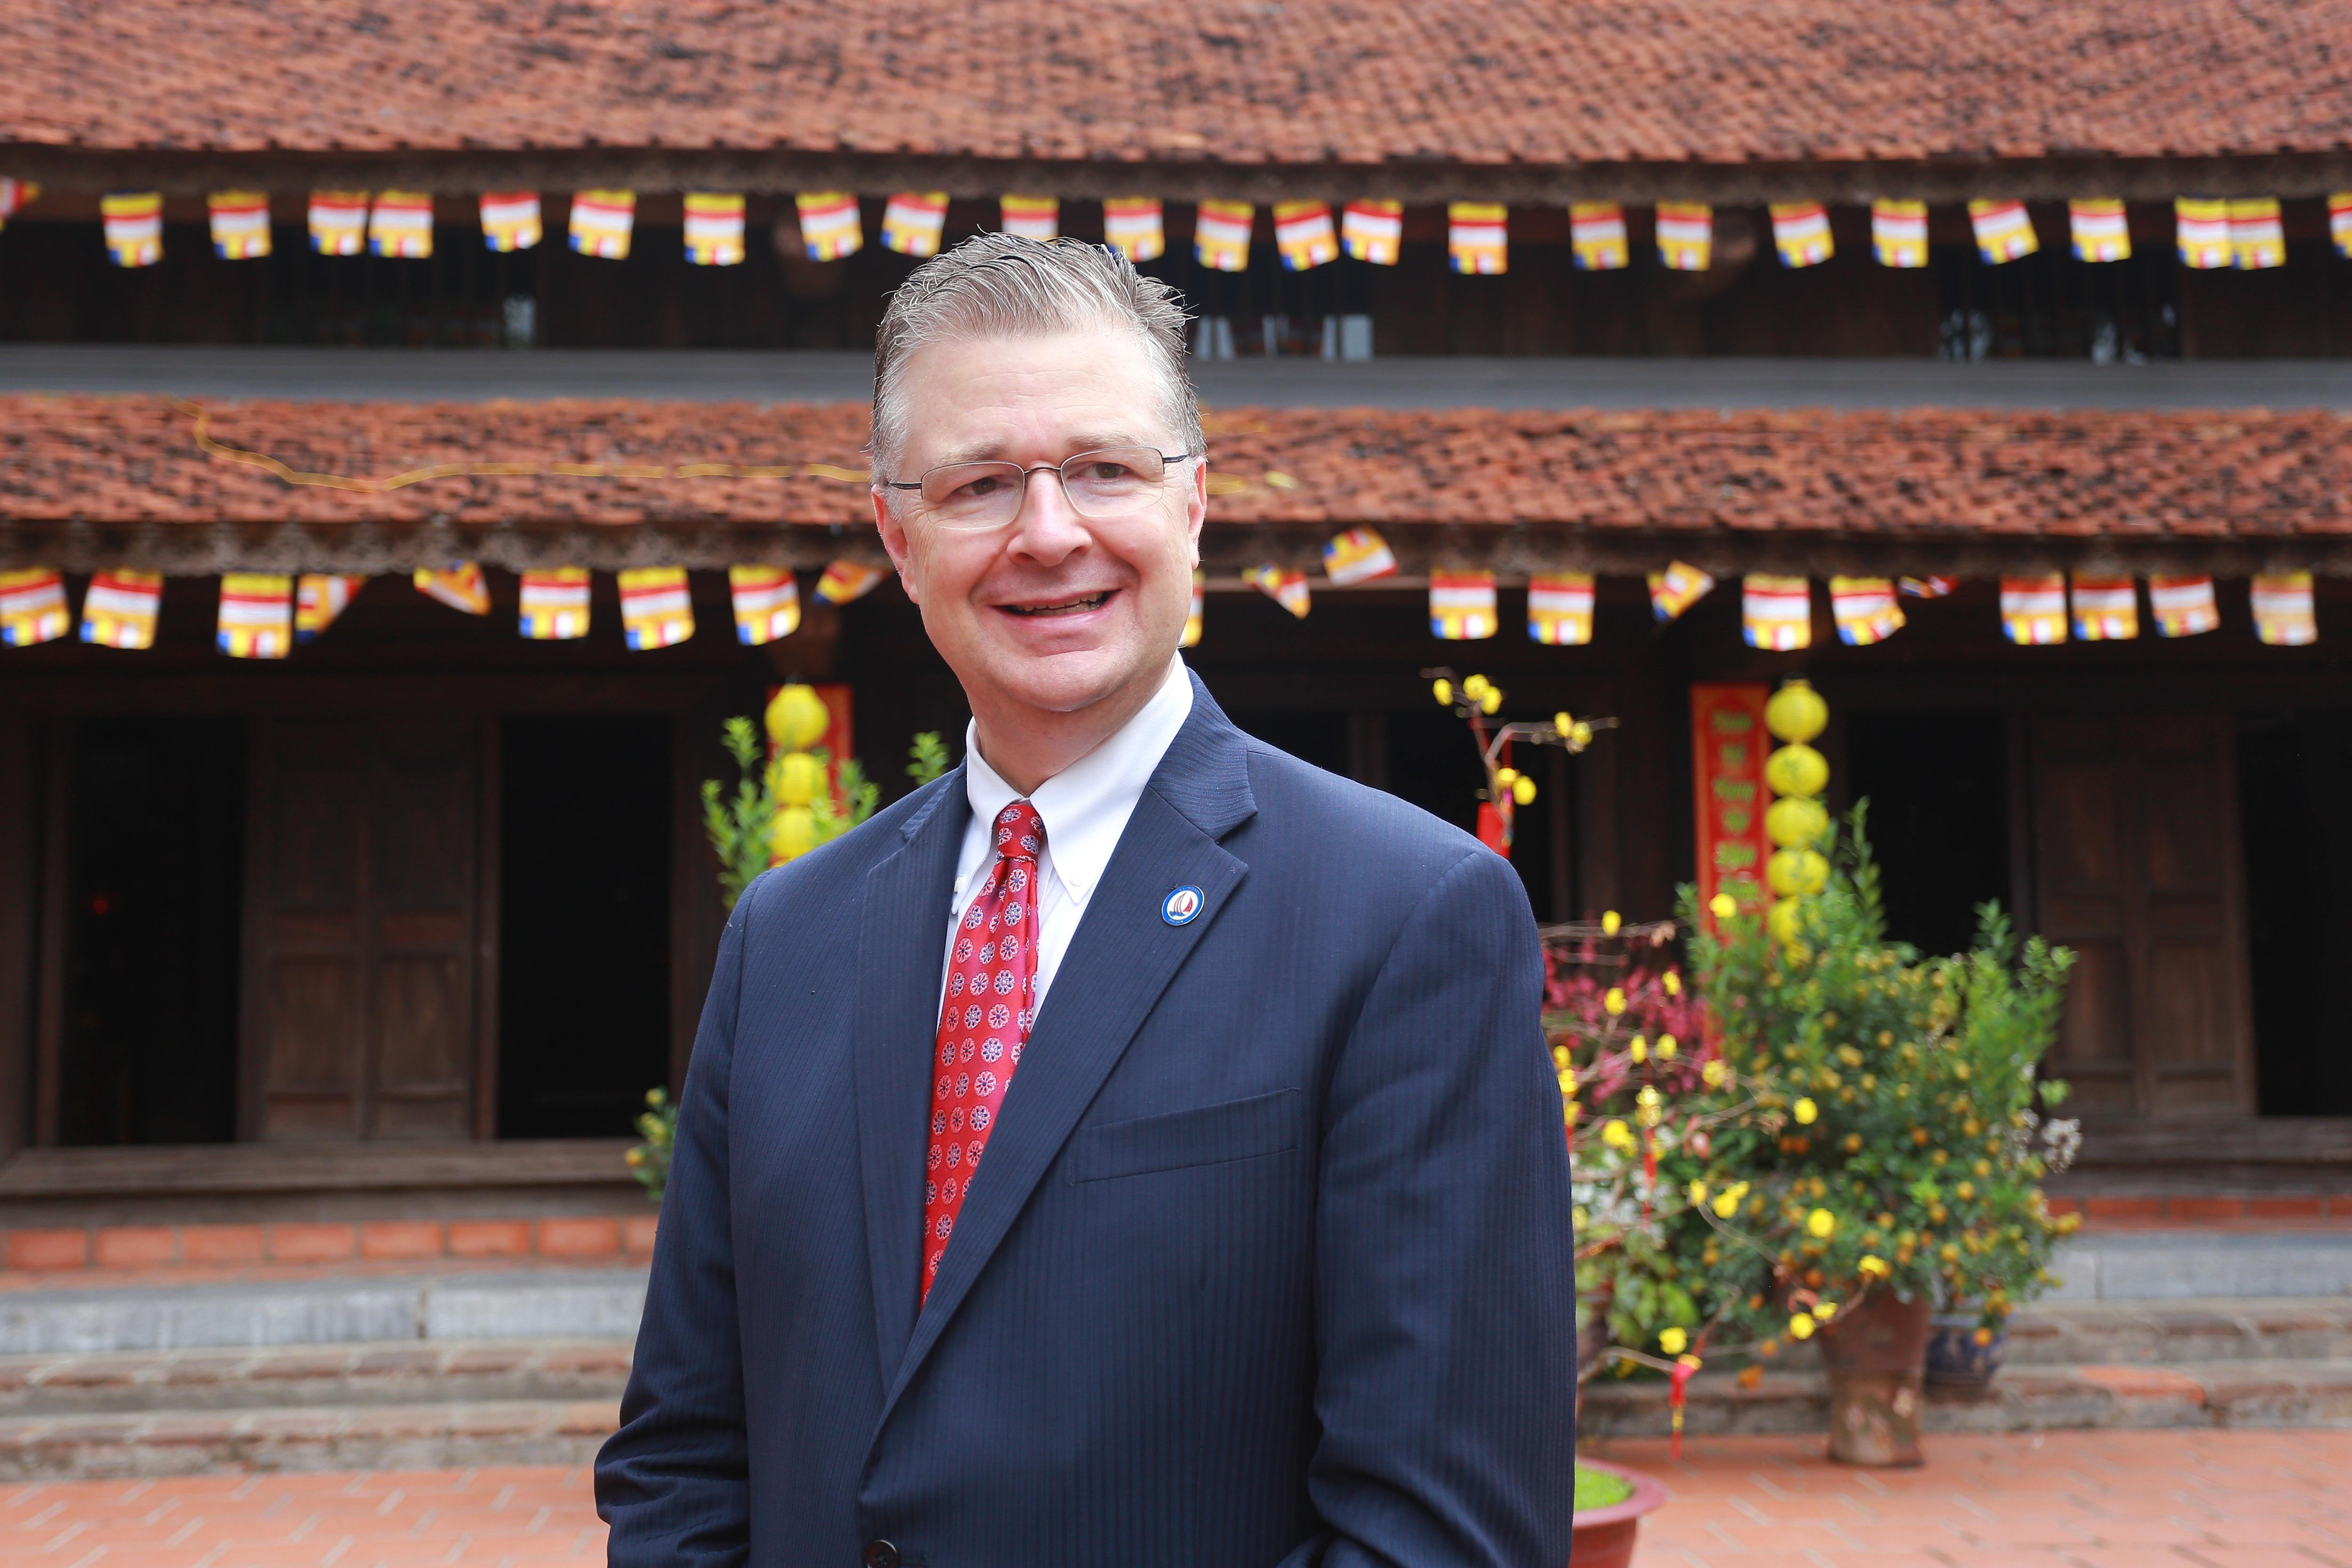 Đại sứ Mỹ thả cá chép, chúc mừng năm mới bằng tiếng Việt - 21